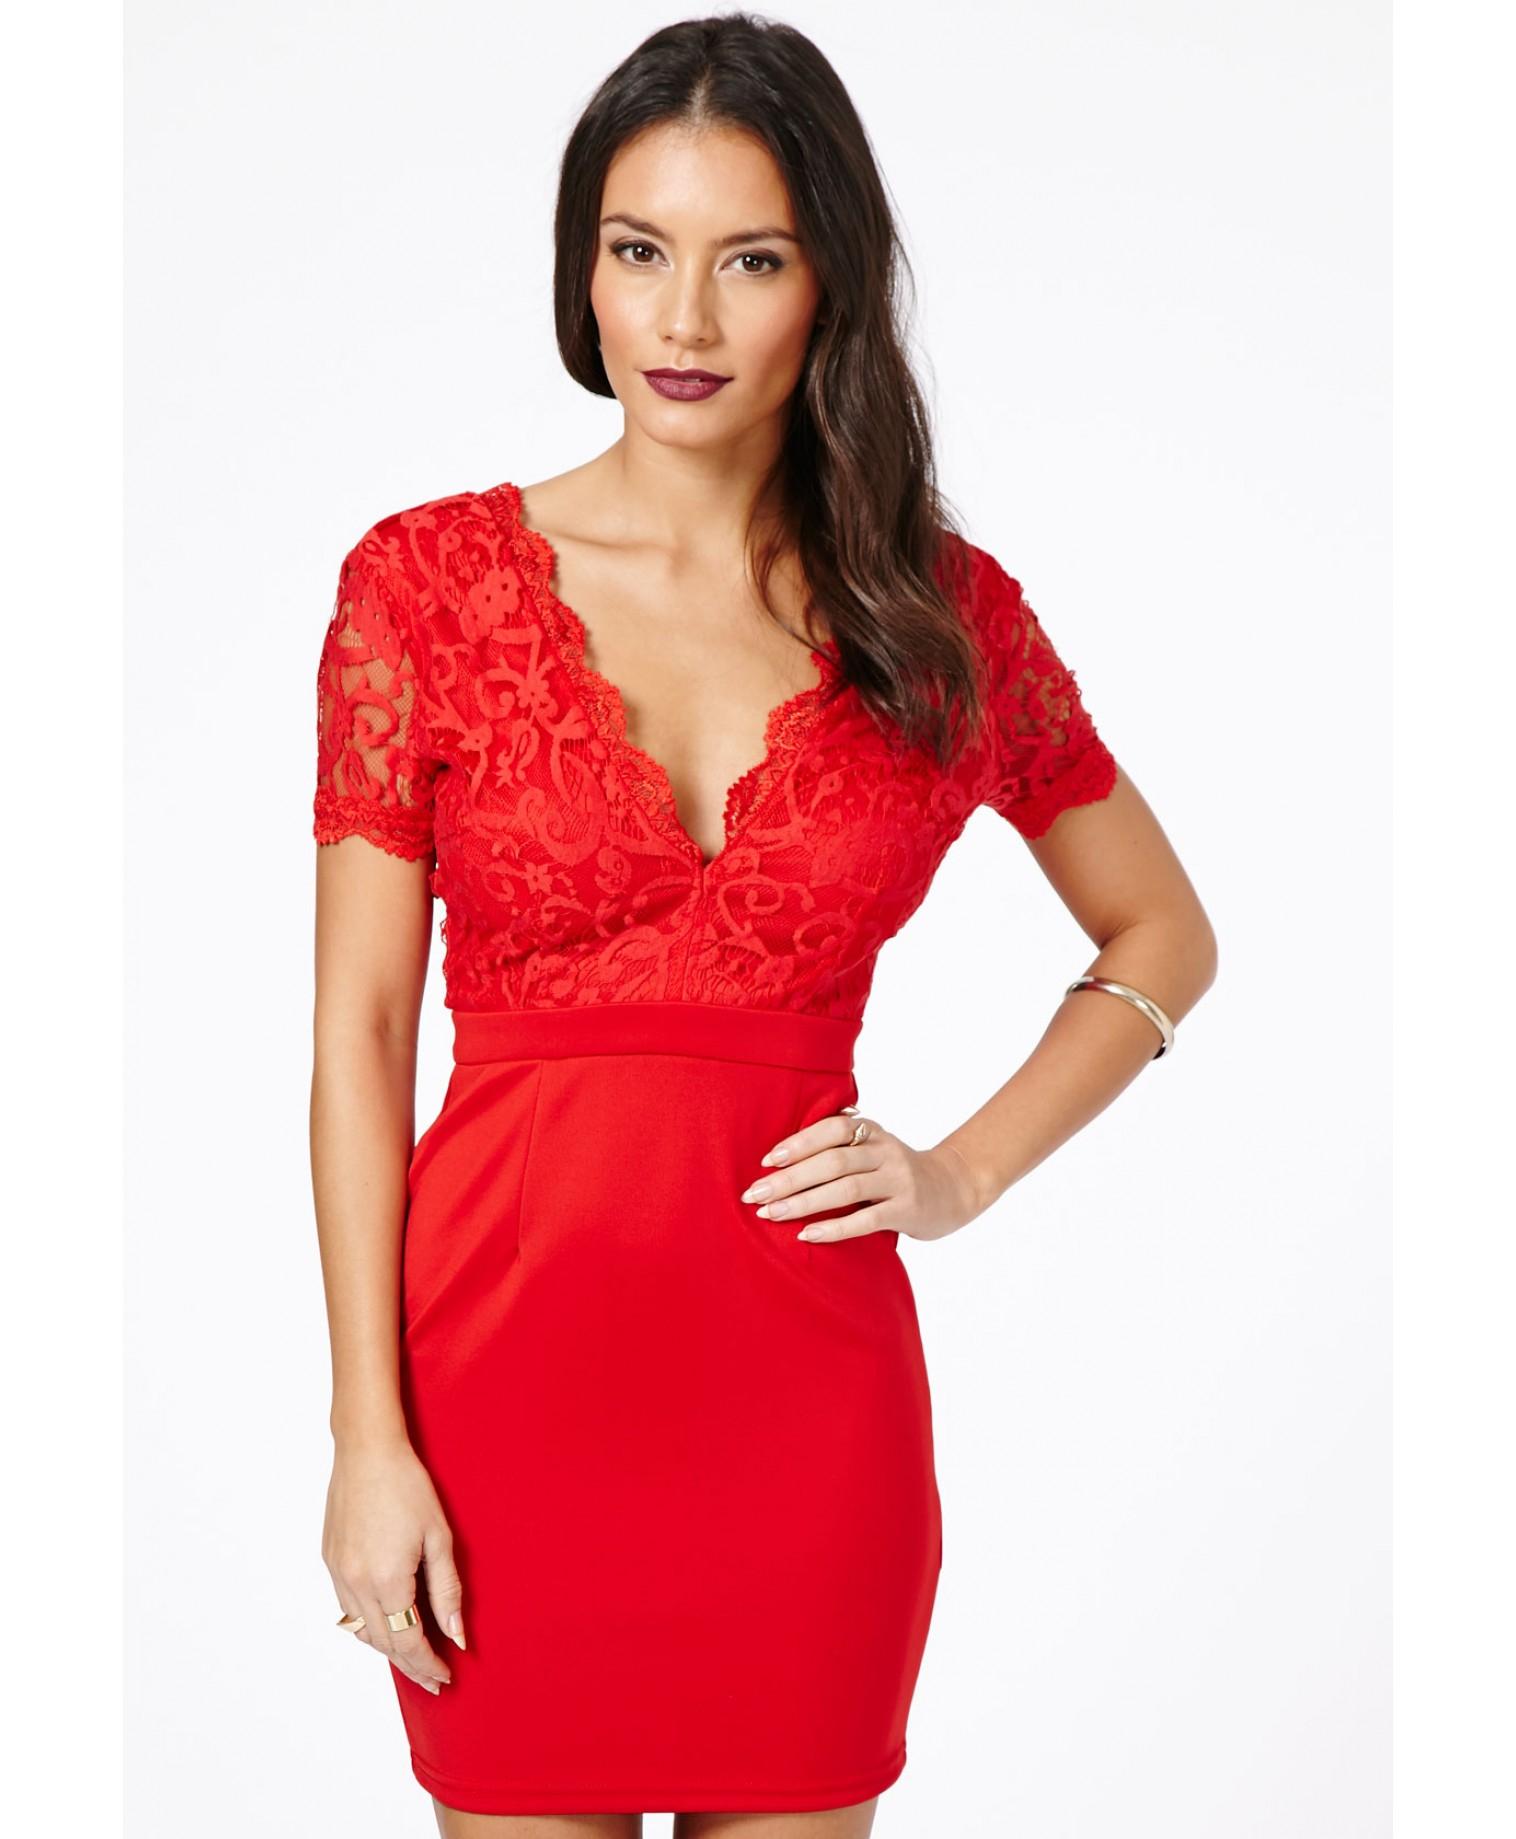 Risuka Red V Neck Lace Mini Dress